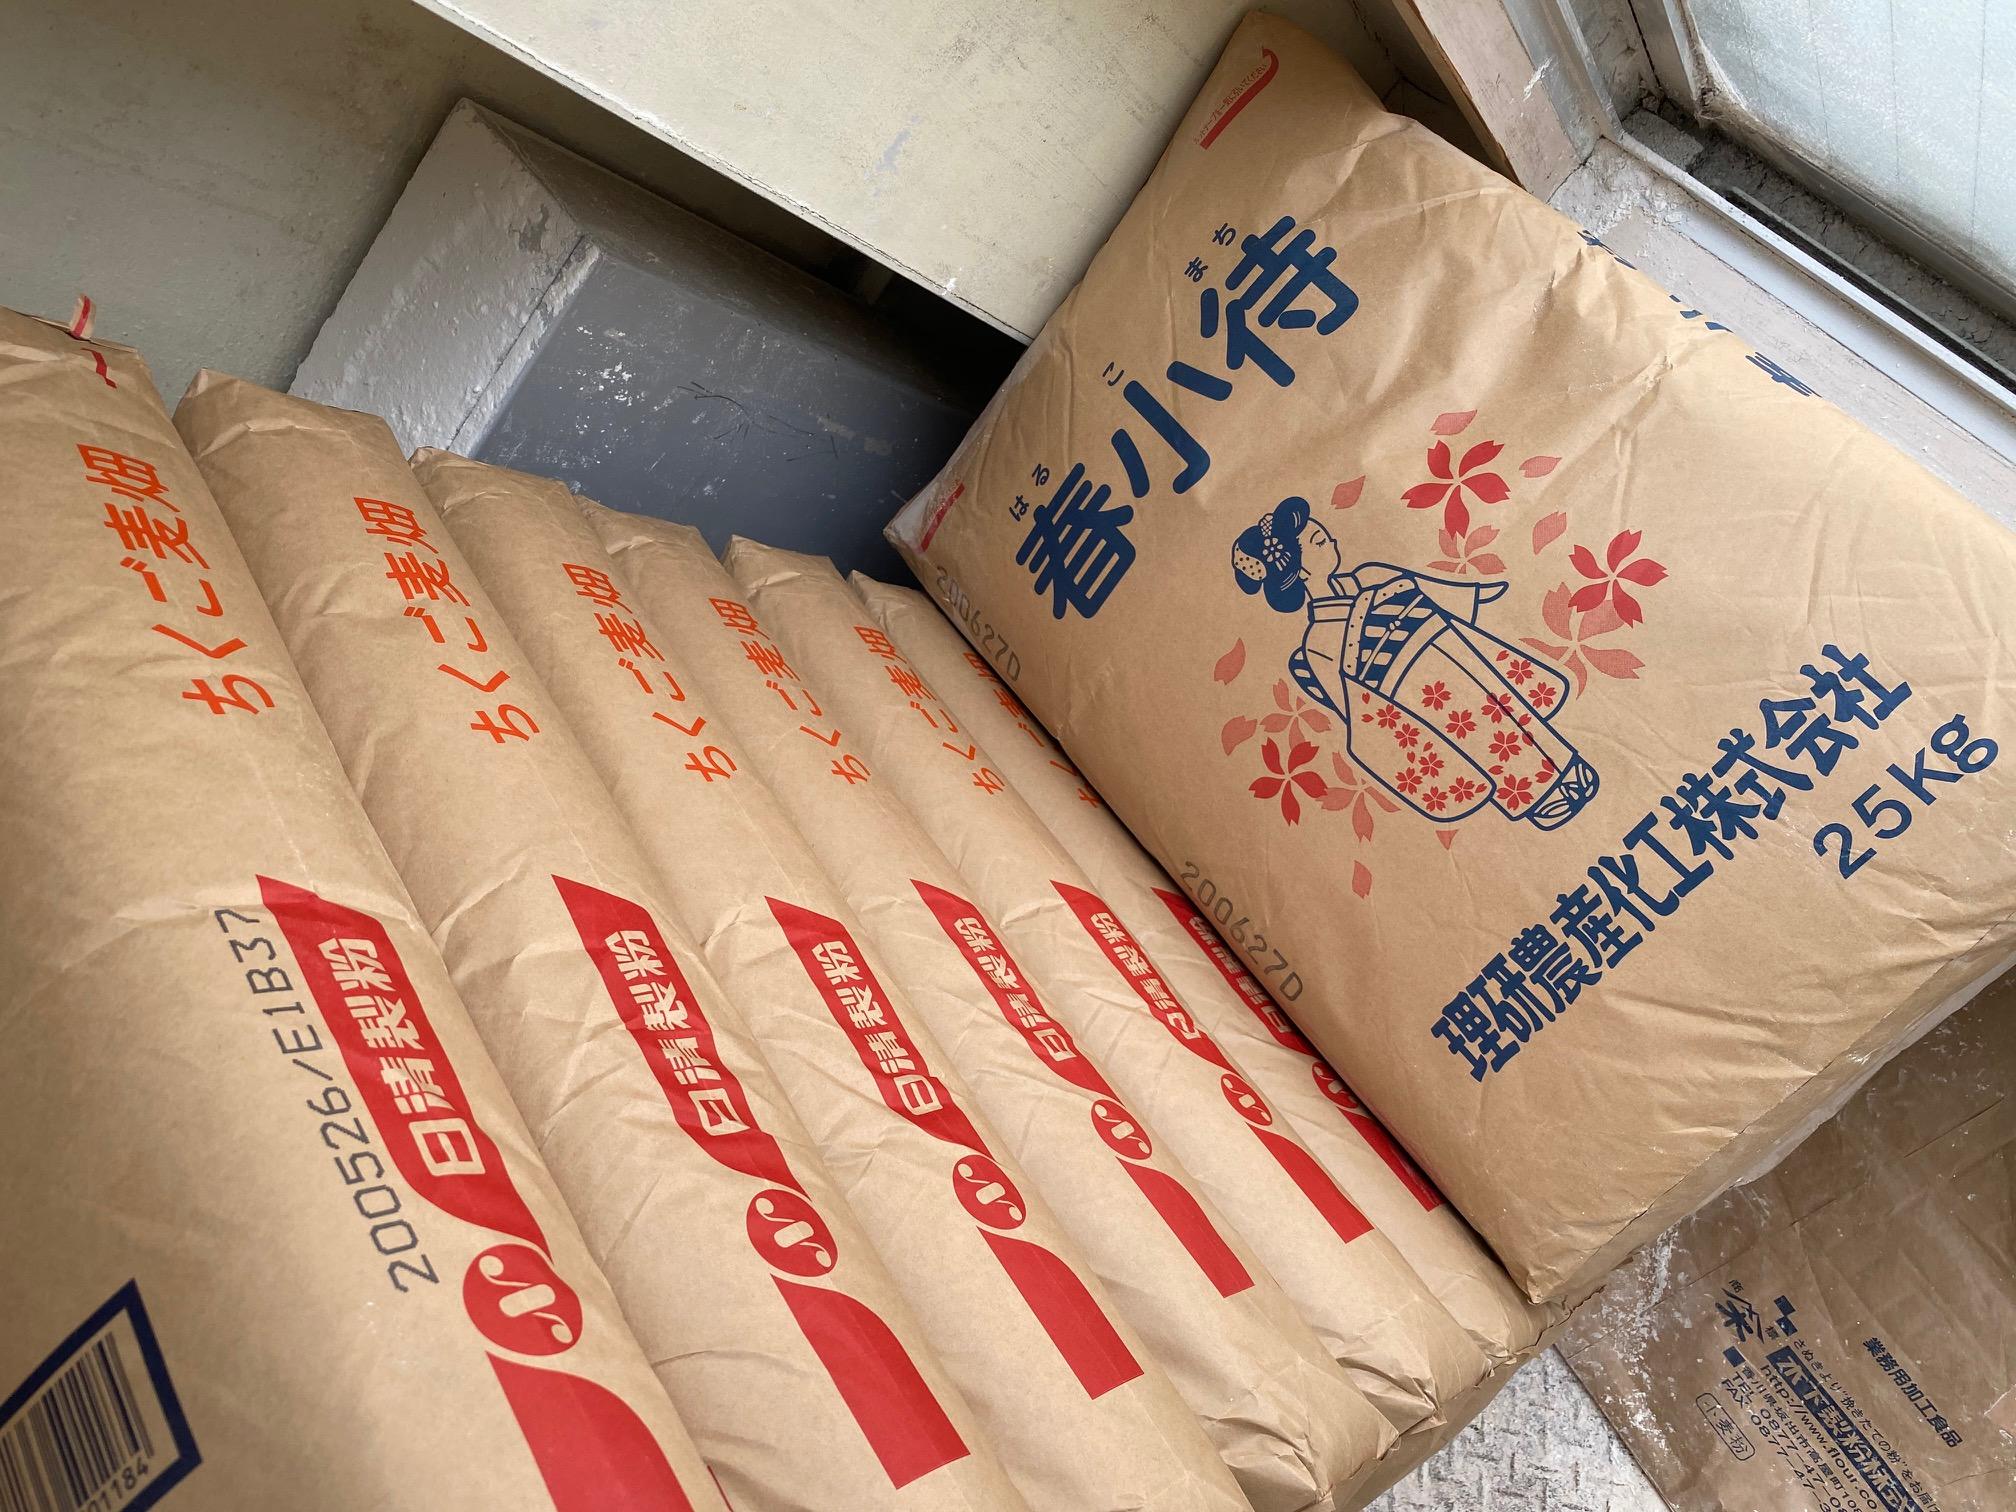 チクゴイズミ80%・ミナミノカオリ20%ブレンド使用 「春小待」生うどん 300g×3袋